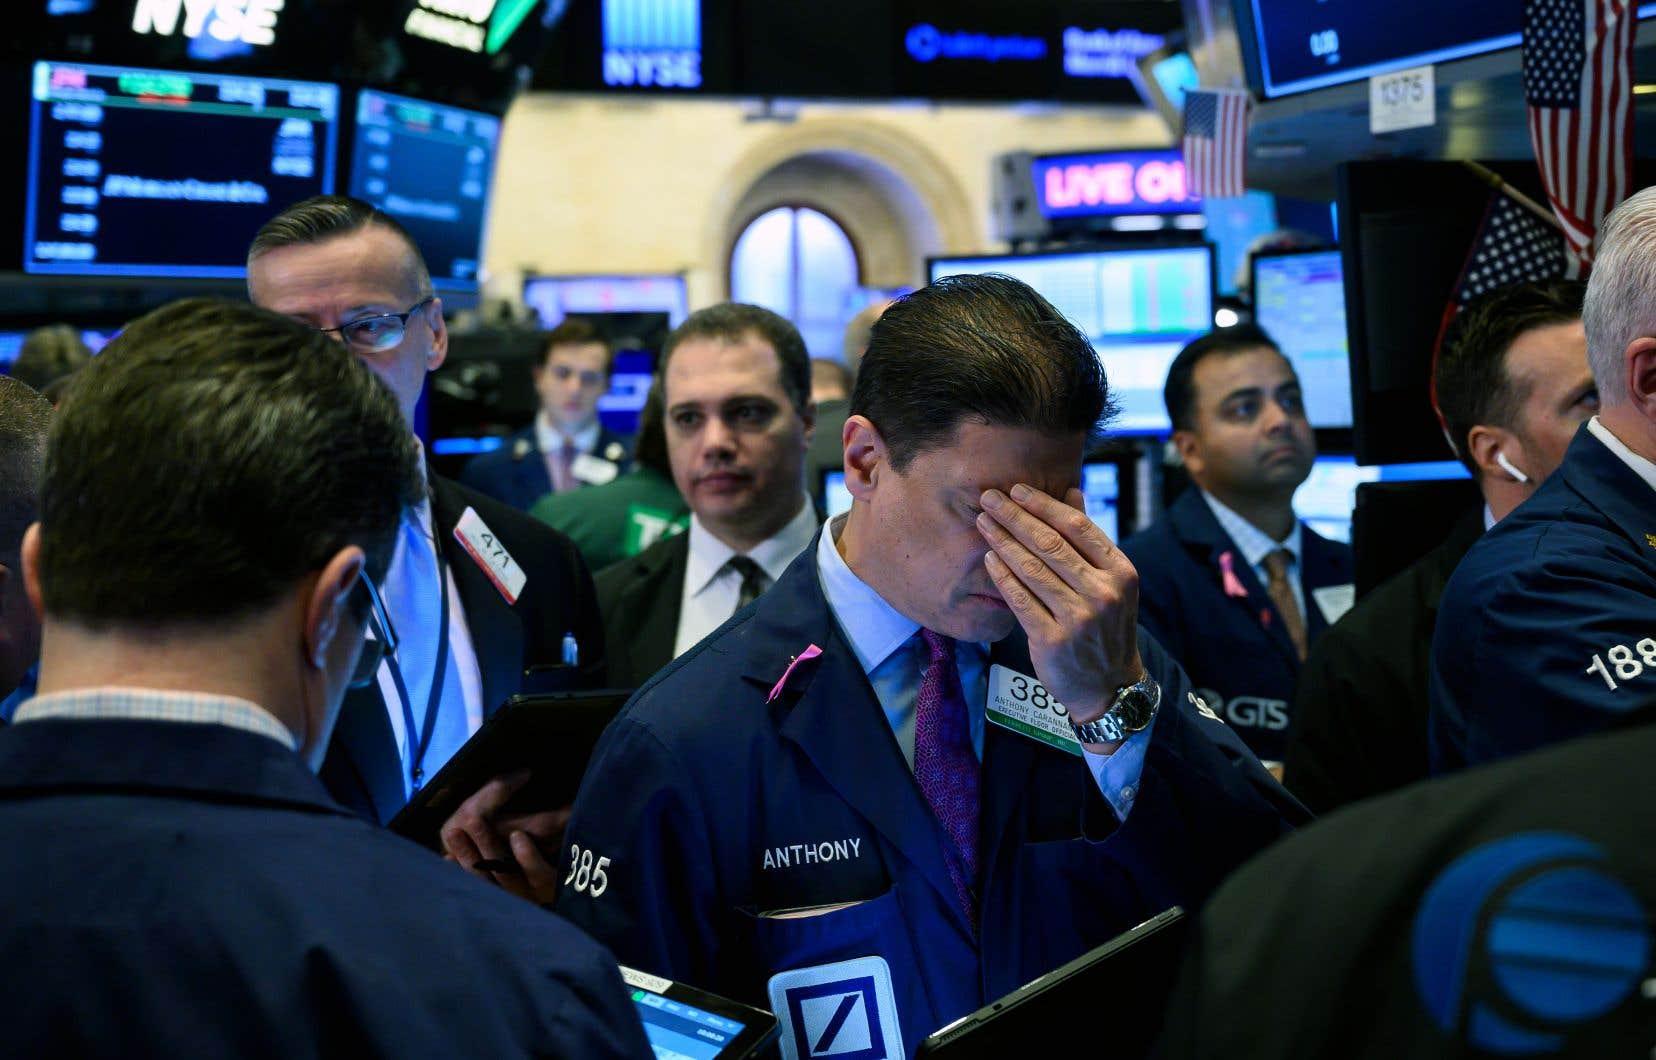 Le Dow Jones a plongé de 1,8%, à 25965,09 points, tandis que l'indice Nasdaq a chuté de 2%, à 7963,76points.